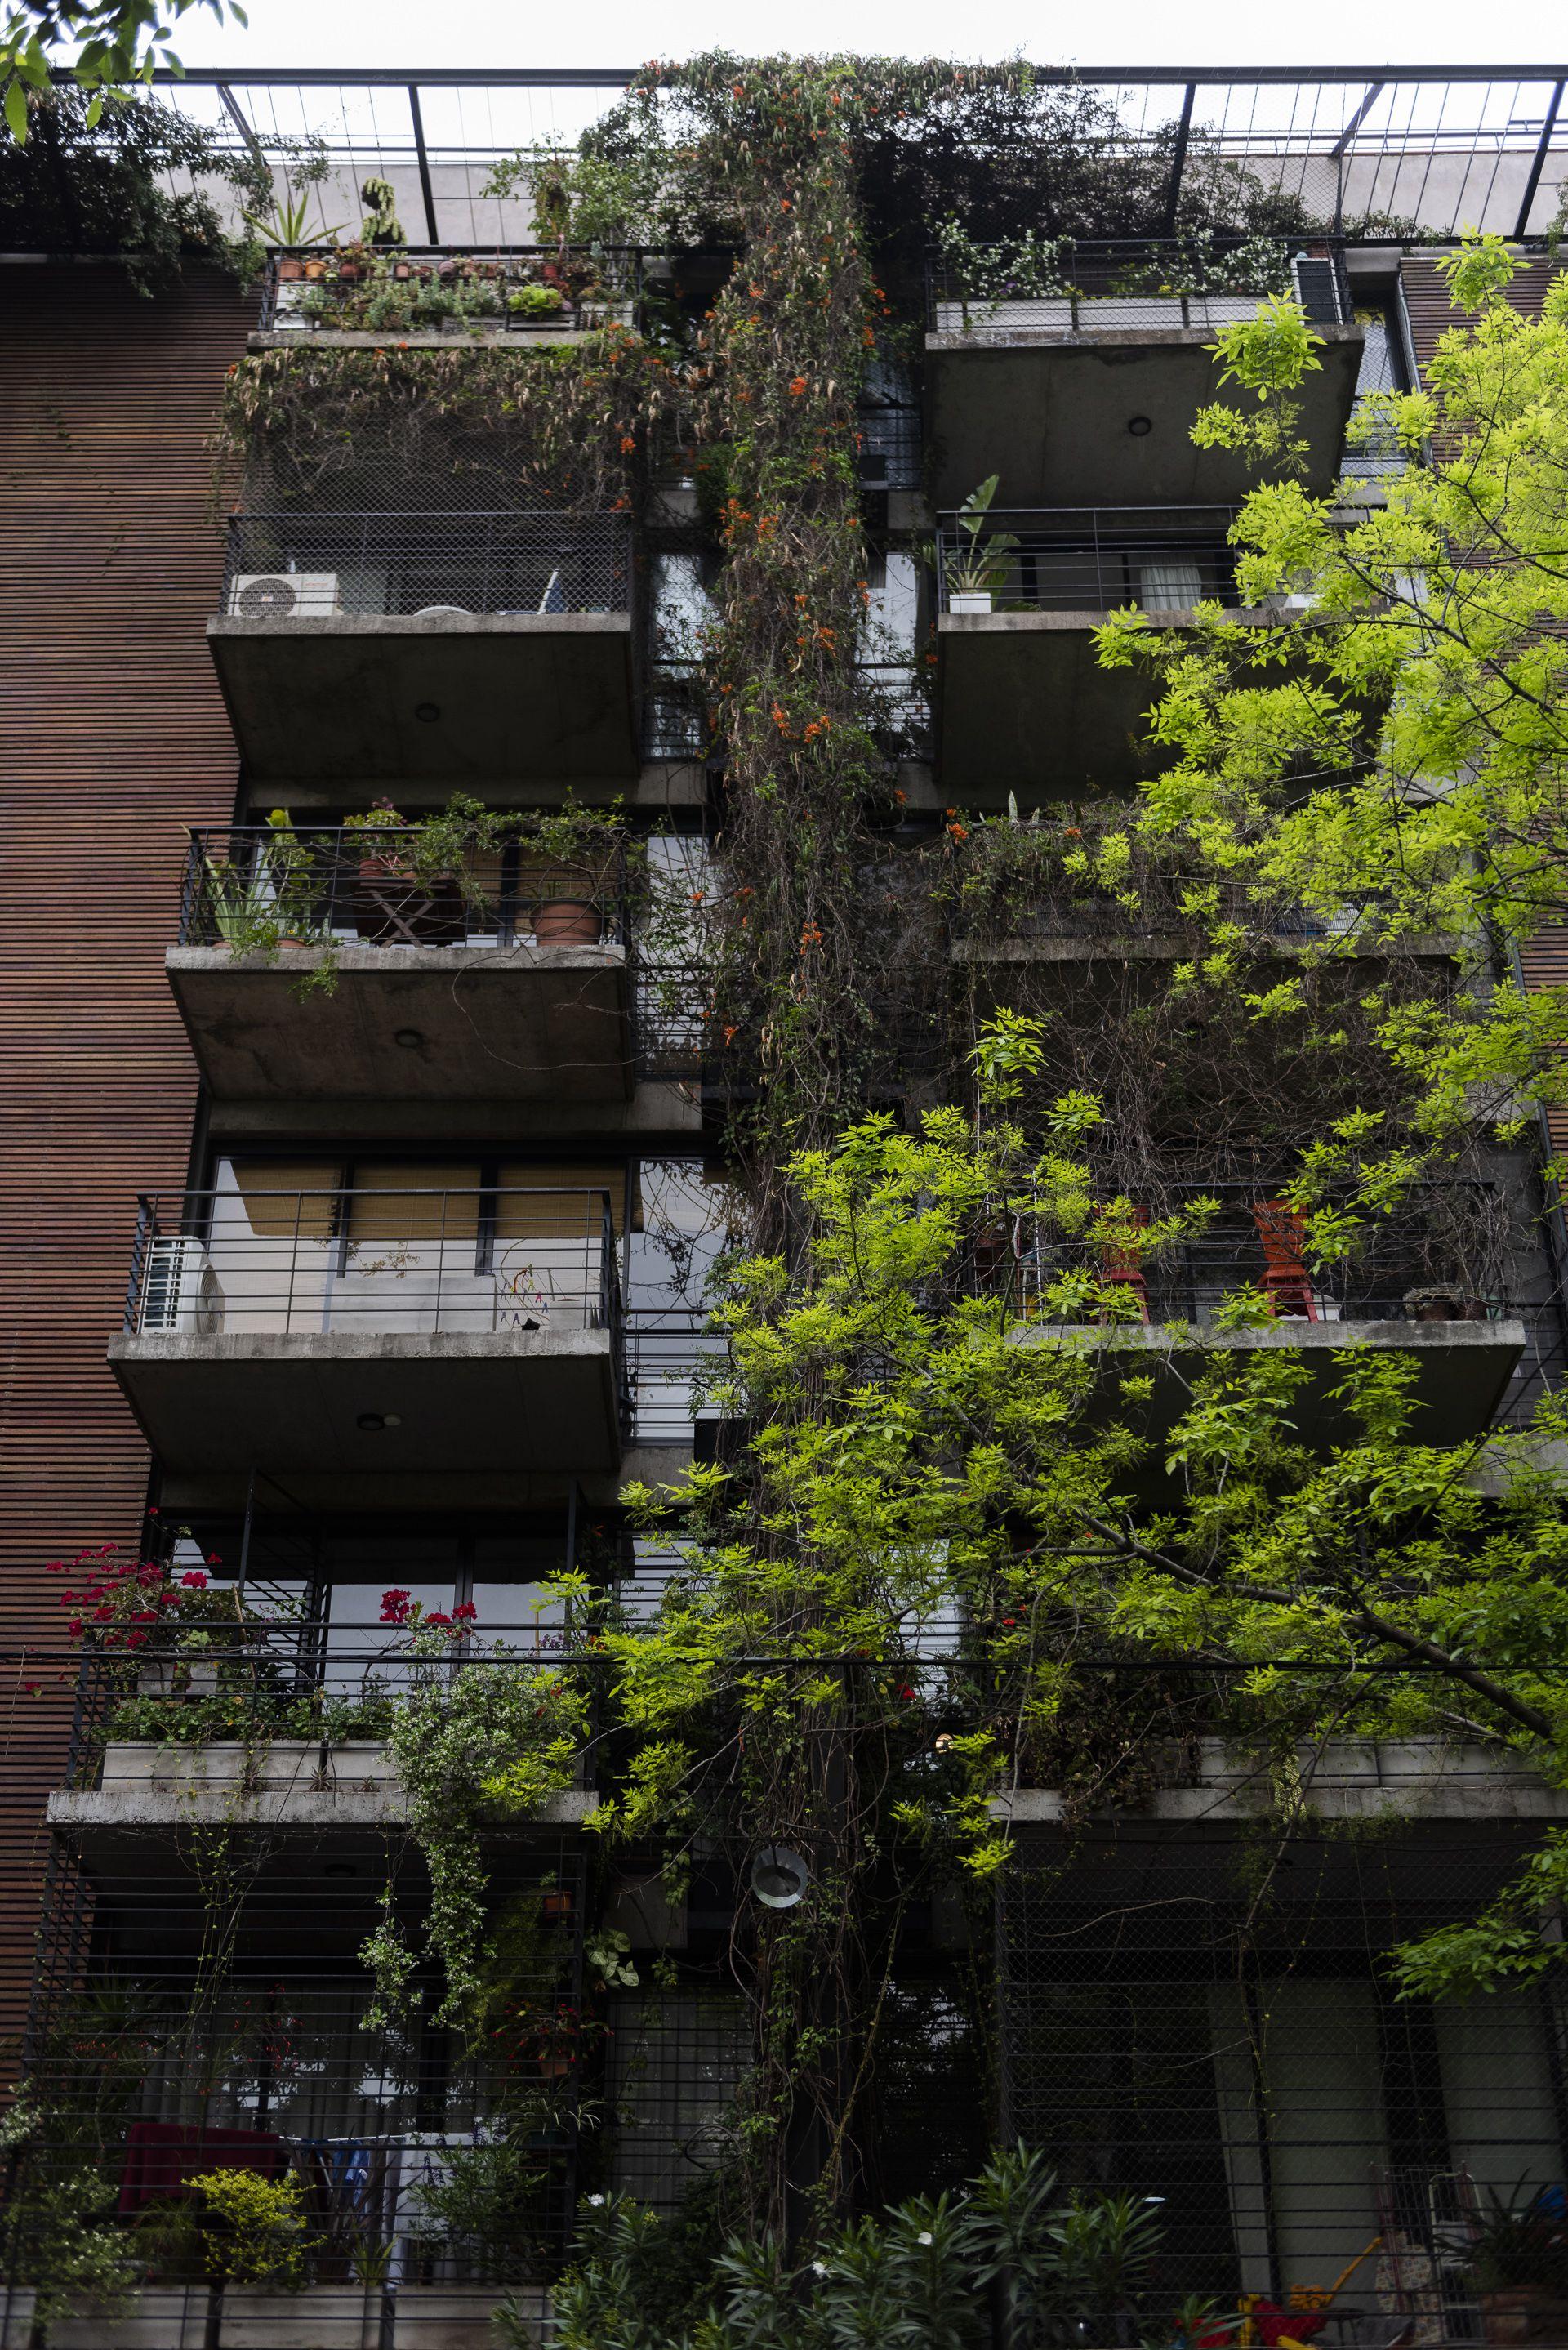 La concepción de un espacio indeterminado permite una forma de habitar desregulada, es un planteo versátil que posibilita los futuros cambios (Adrián Escandar)